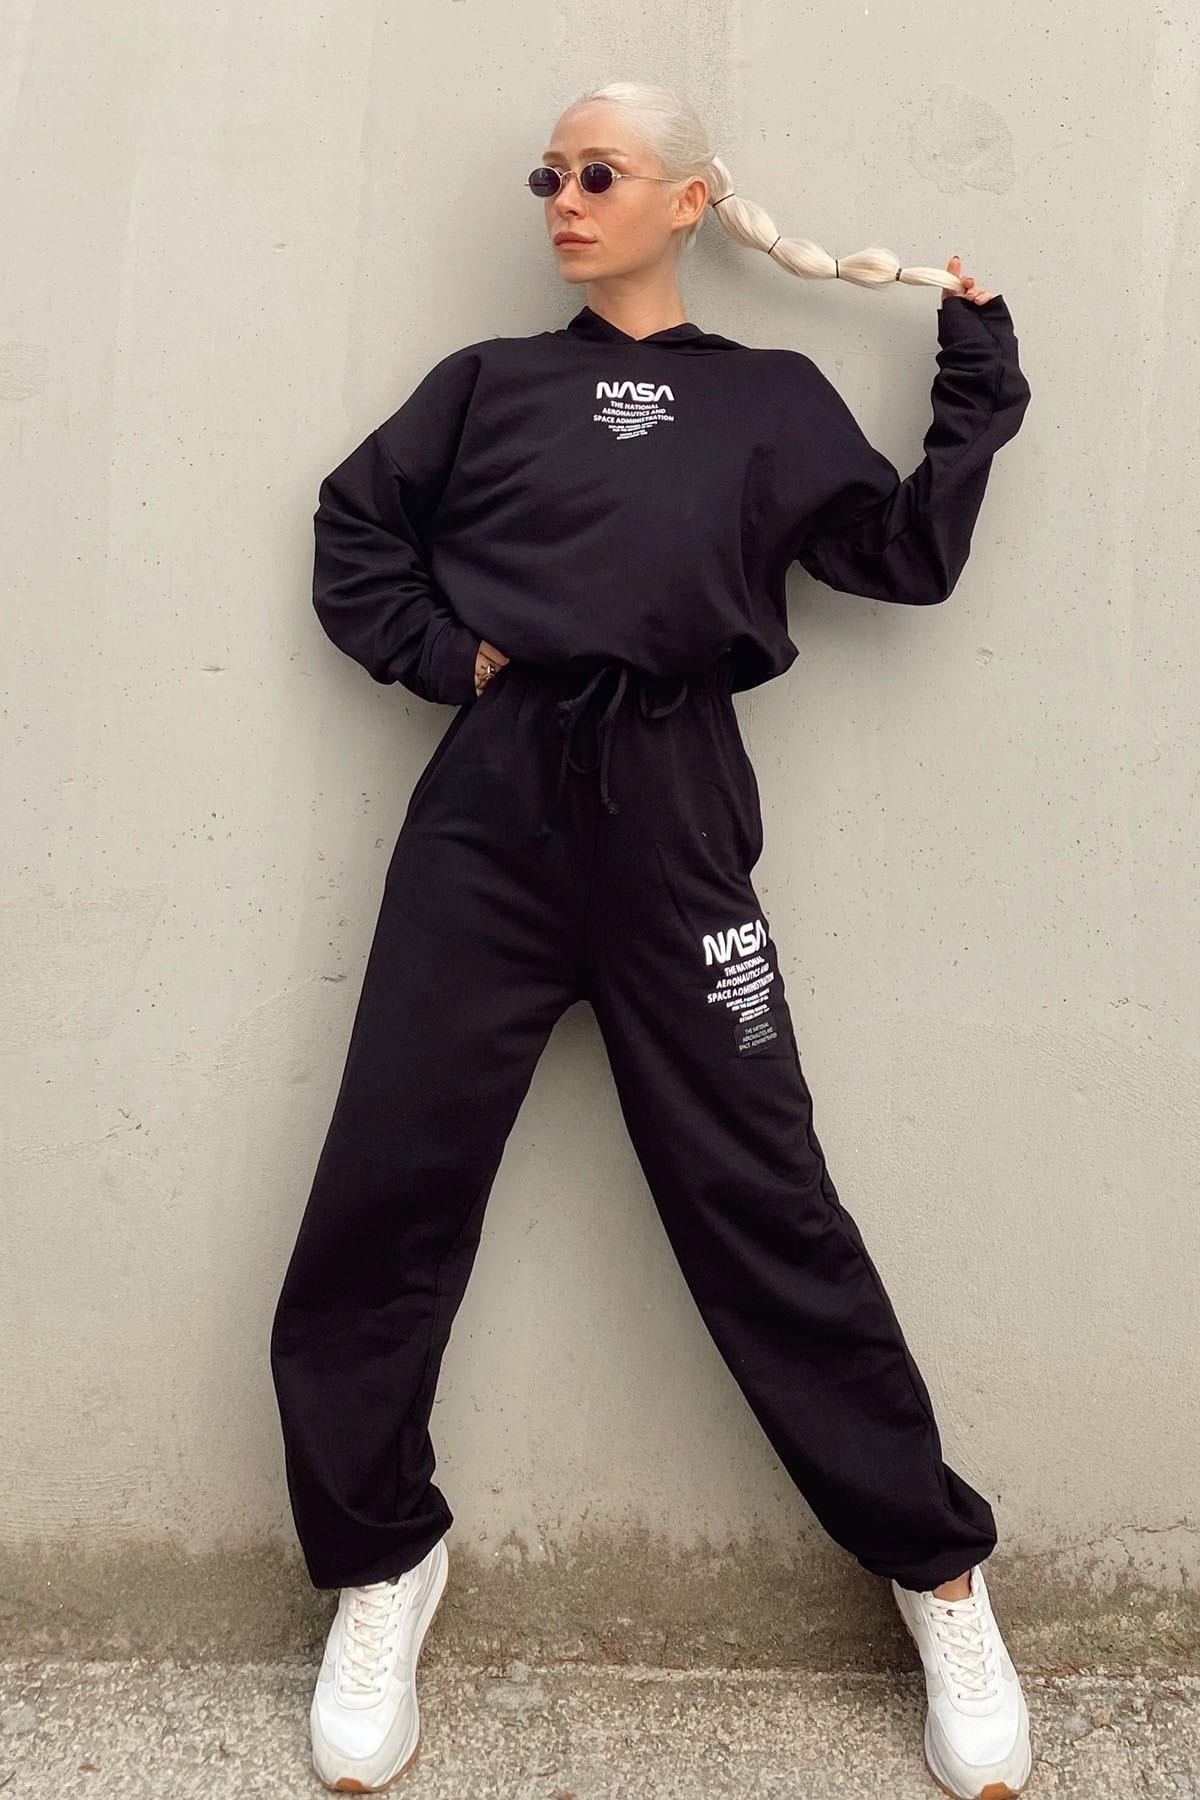 SwistLuxury Kadın Siyah Nasa Baskılı Kapüşonlu Yüksek Bel Eşofman Takımı 1